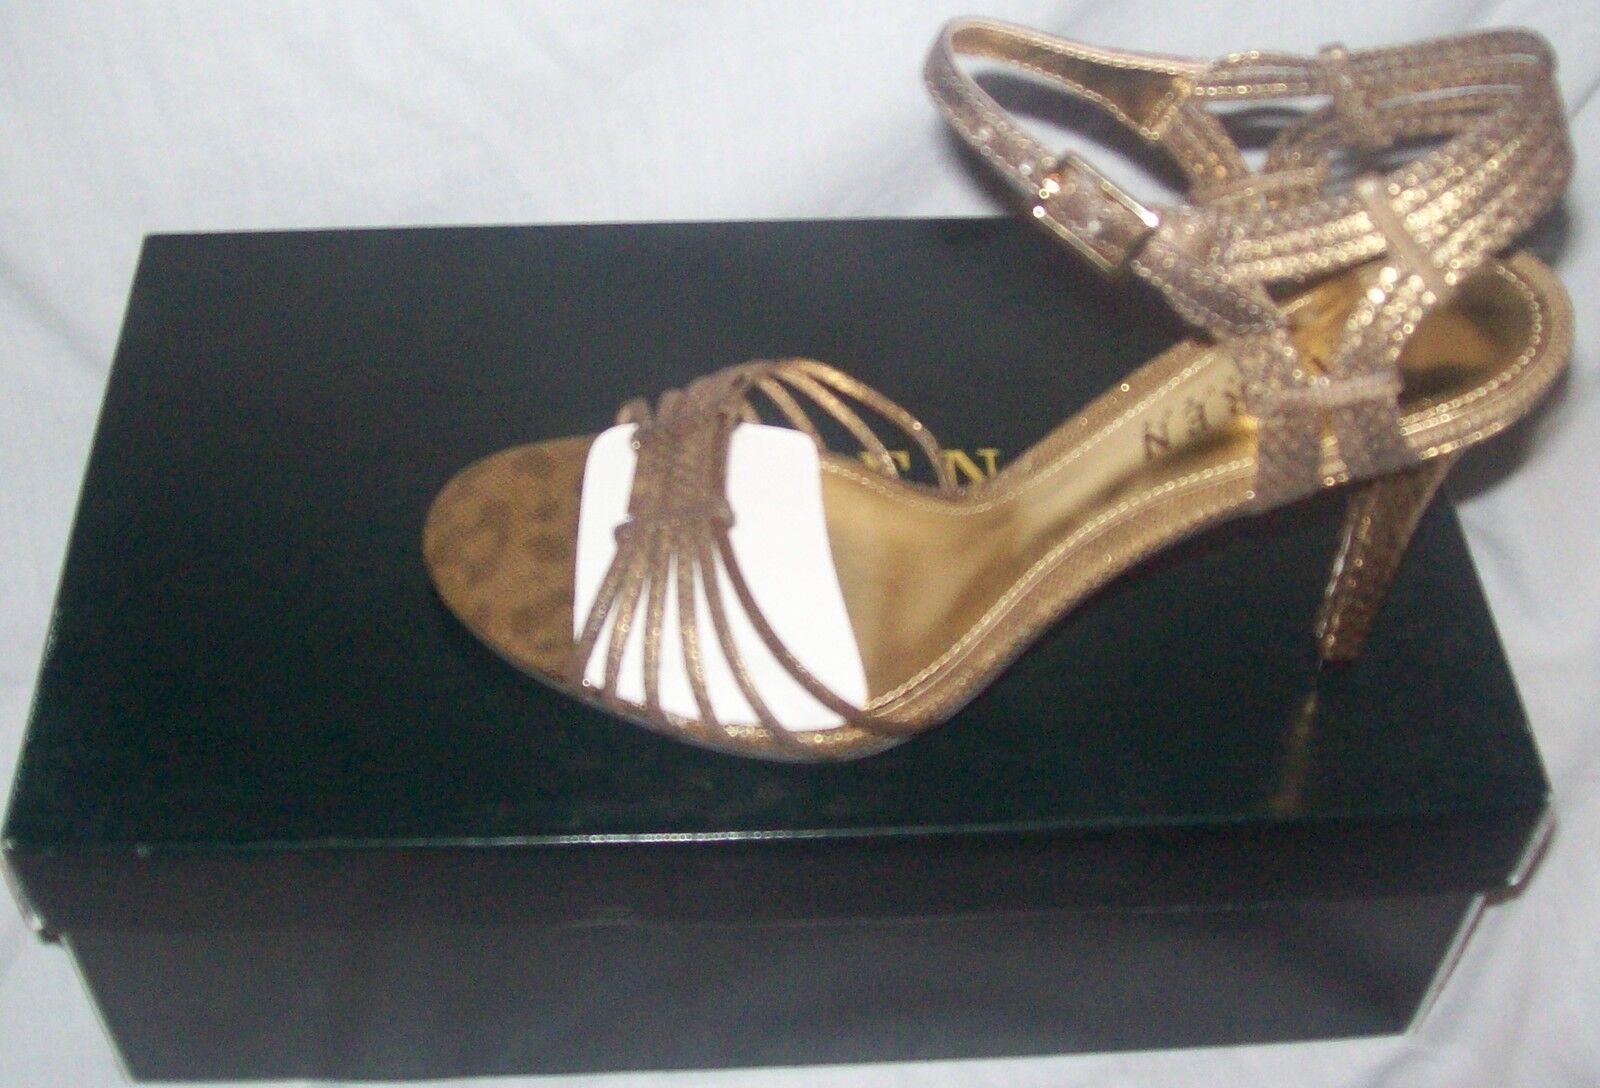 Ralph Lauren shoes Adalira Evening Sandals Glided gold textured snake new sz 6.5